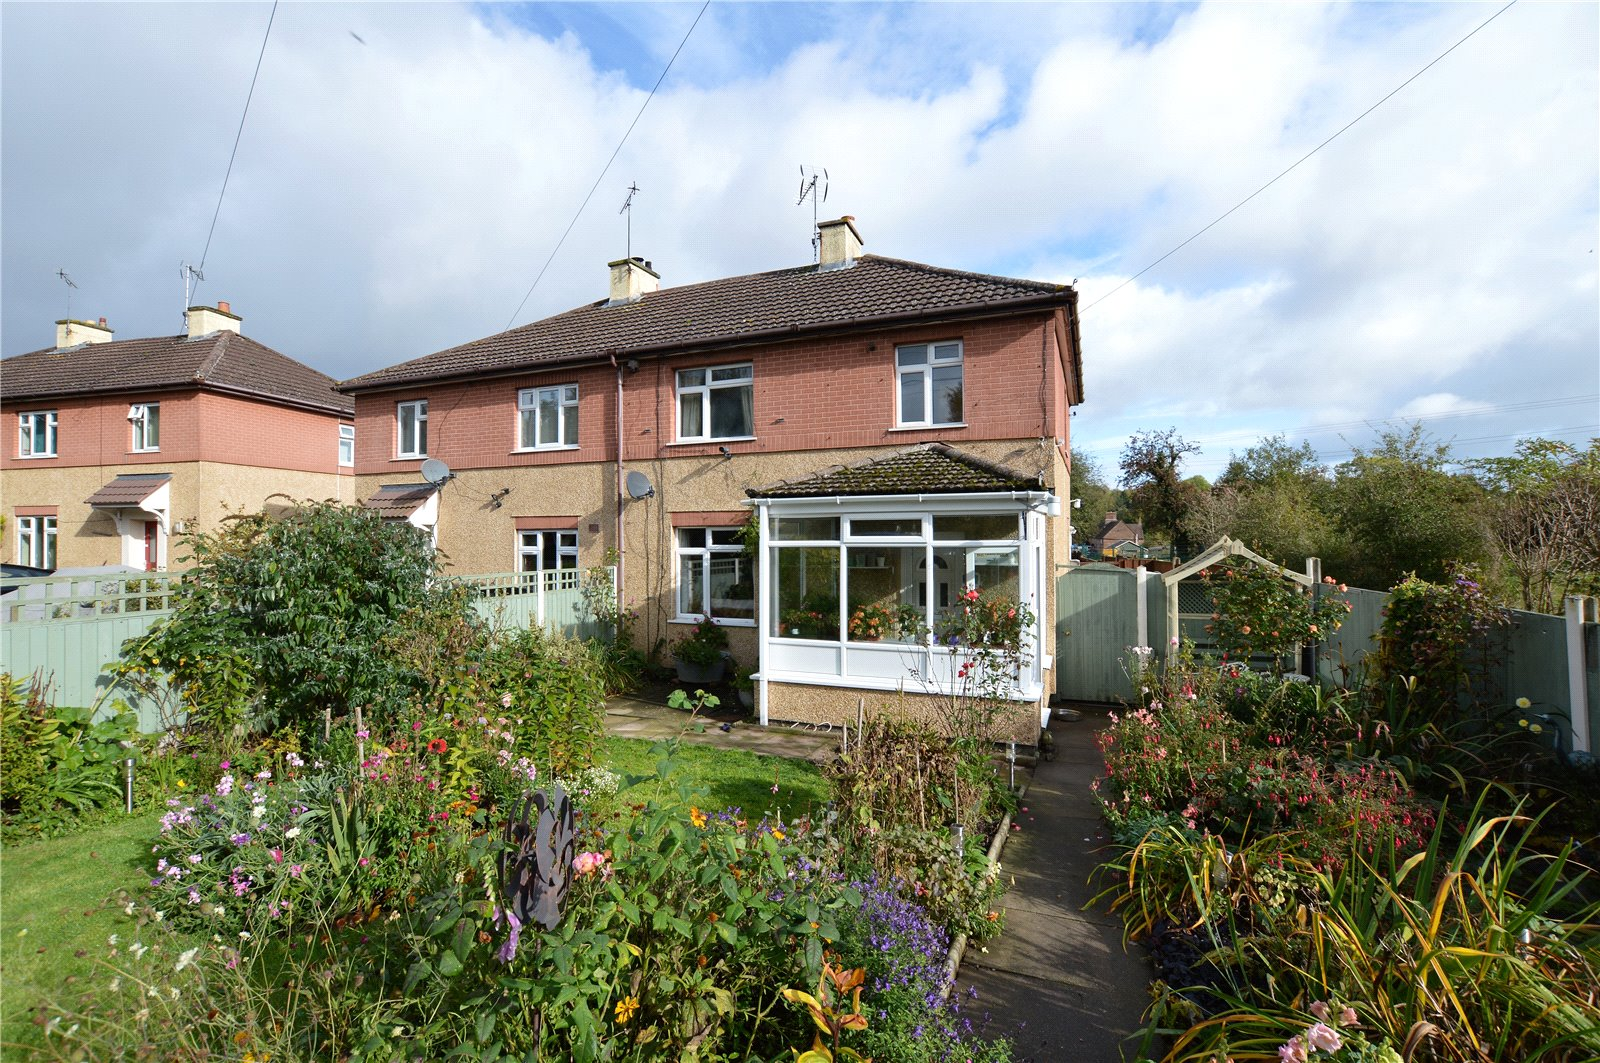 1 Meadow View, Neenton, Bridgnorth, Shropshire, WV16